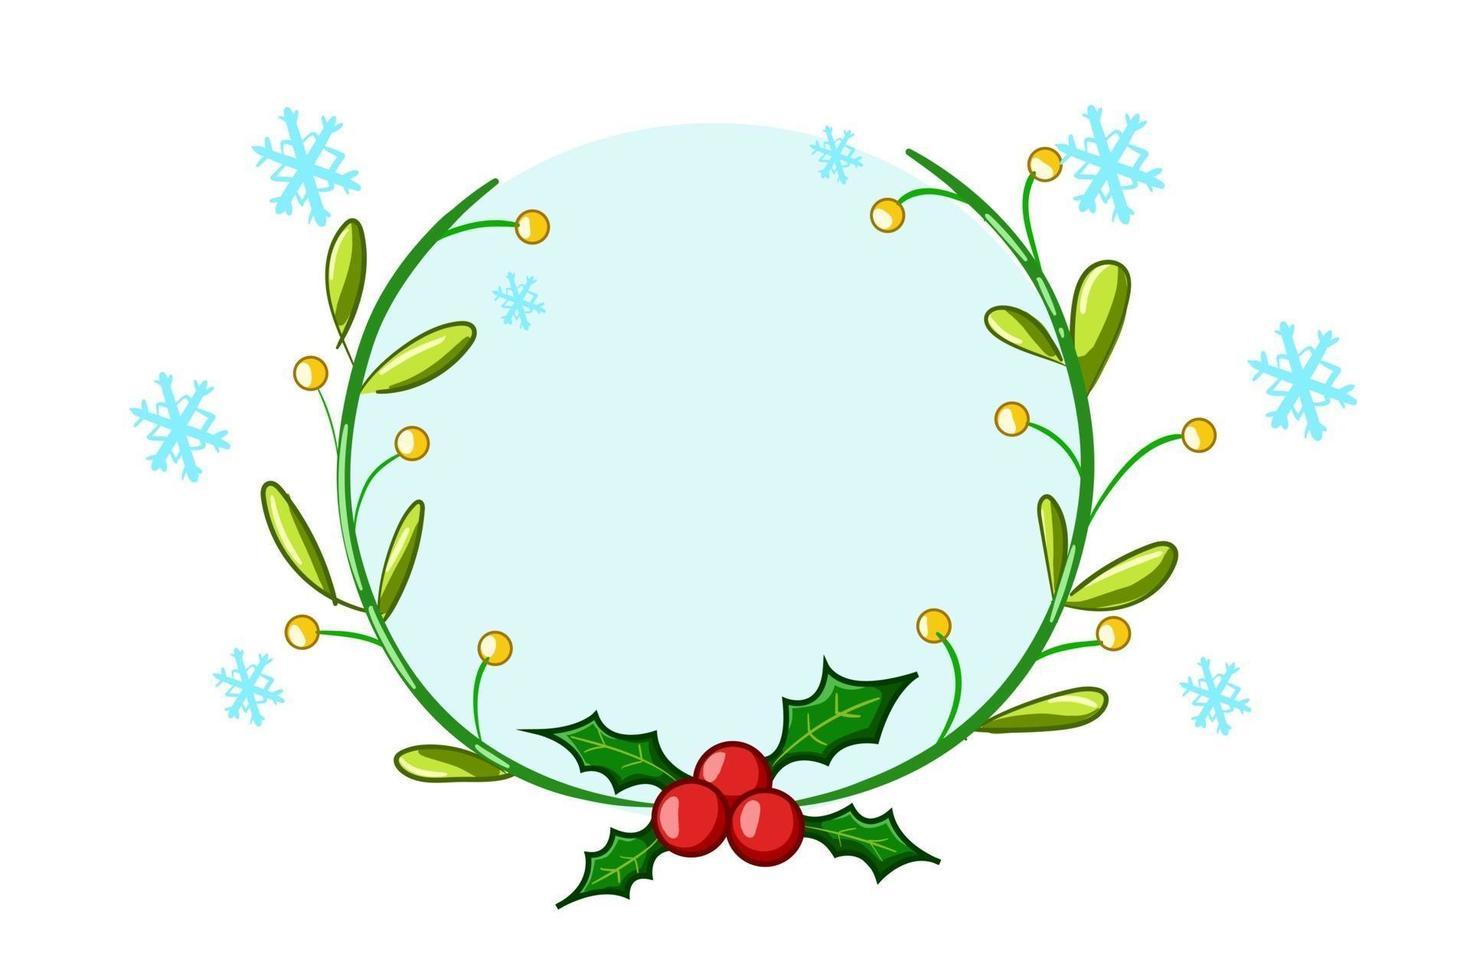 en jultema järnekrans med blå kristaller illustration vektor